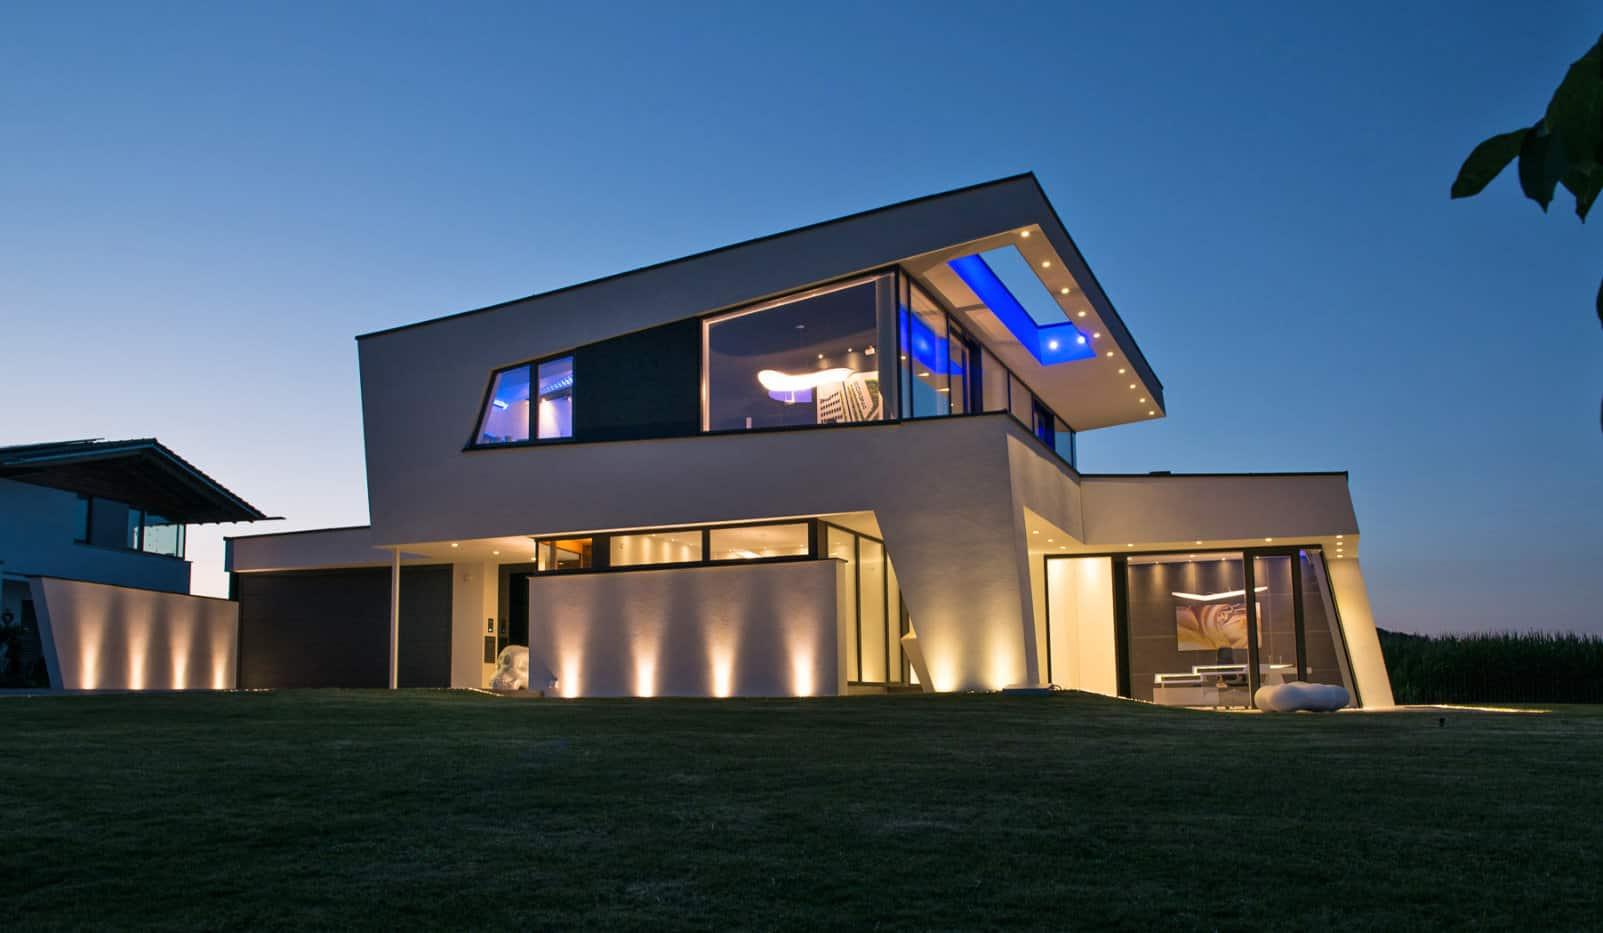 Architektenhaus Pultdach Dingolfing